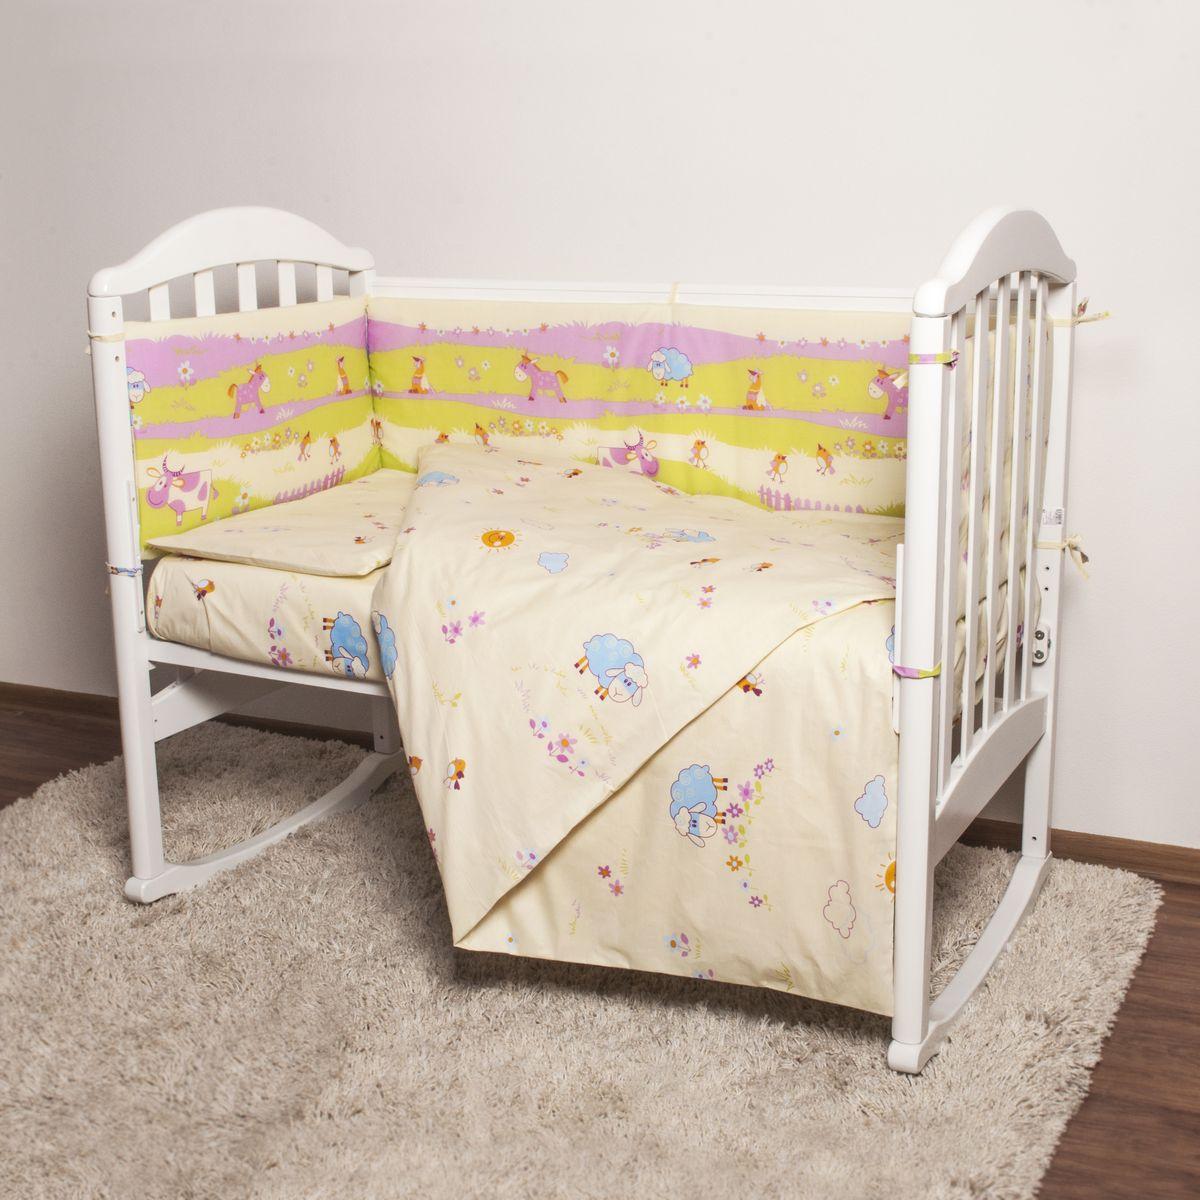 Baby Nice Детский комплект в кроватку Ферма (КПБ, бязь, наволочка 40х60), цвет: розовый531-105Комплект в кроватку Baby Nice Ферма для самых маленьких изготовлен только из самой качественной ткани, самой безопасной и гигиеничной, самой экологичной и гипоаллергенной. Отлично подходит для кроваток малышей, которые часто двигаются во сне. Хлопковое волокно прекрасно переносит стирку, быстро сохнет и не требует особого ухода, не линяет и не вытягивается. Ткань прошла специальную обработку по умягчению, что сделало ее невероятно мягкой и приятной к телу. Комплект создаст дополнительный комфорт и уют ребенку. Родителям не составит особого труда ухаживать за комплектом. Он превосходно стирается, легко гладится. Ваш малыш будет в восторге от такого необыкновенного постельного набора! В комплект входит: одеяло, пододеяльник, подушка, наволочка, простыня, борт.